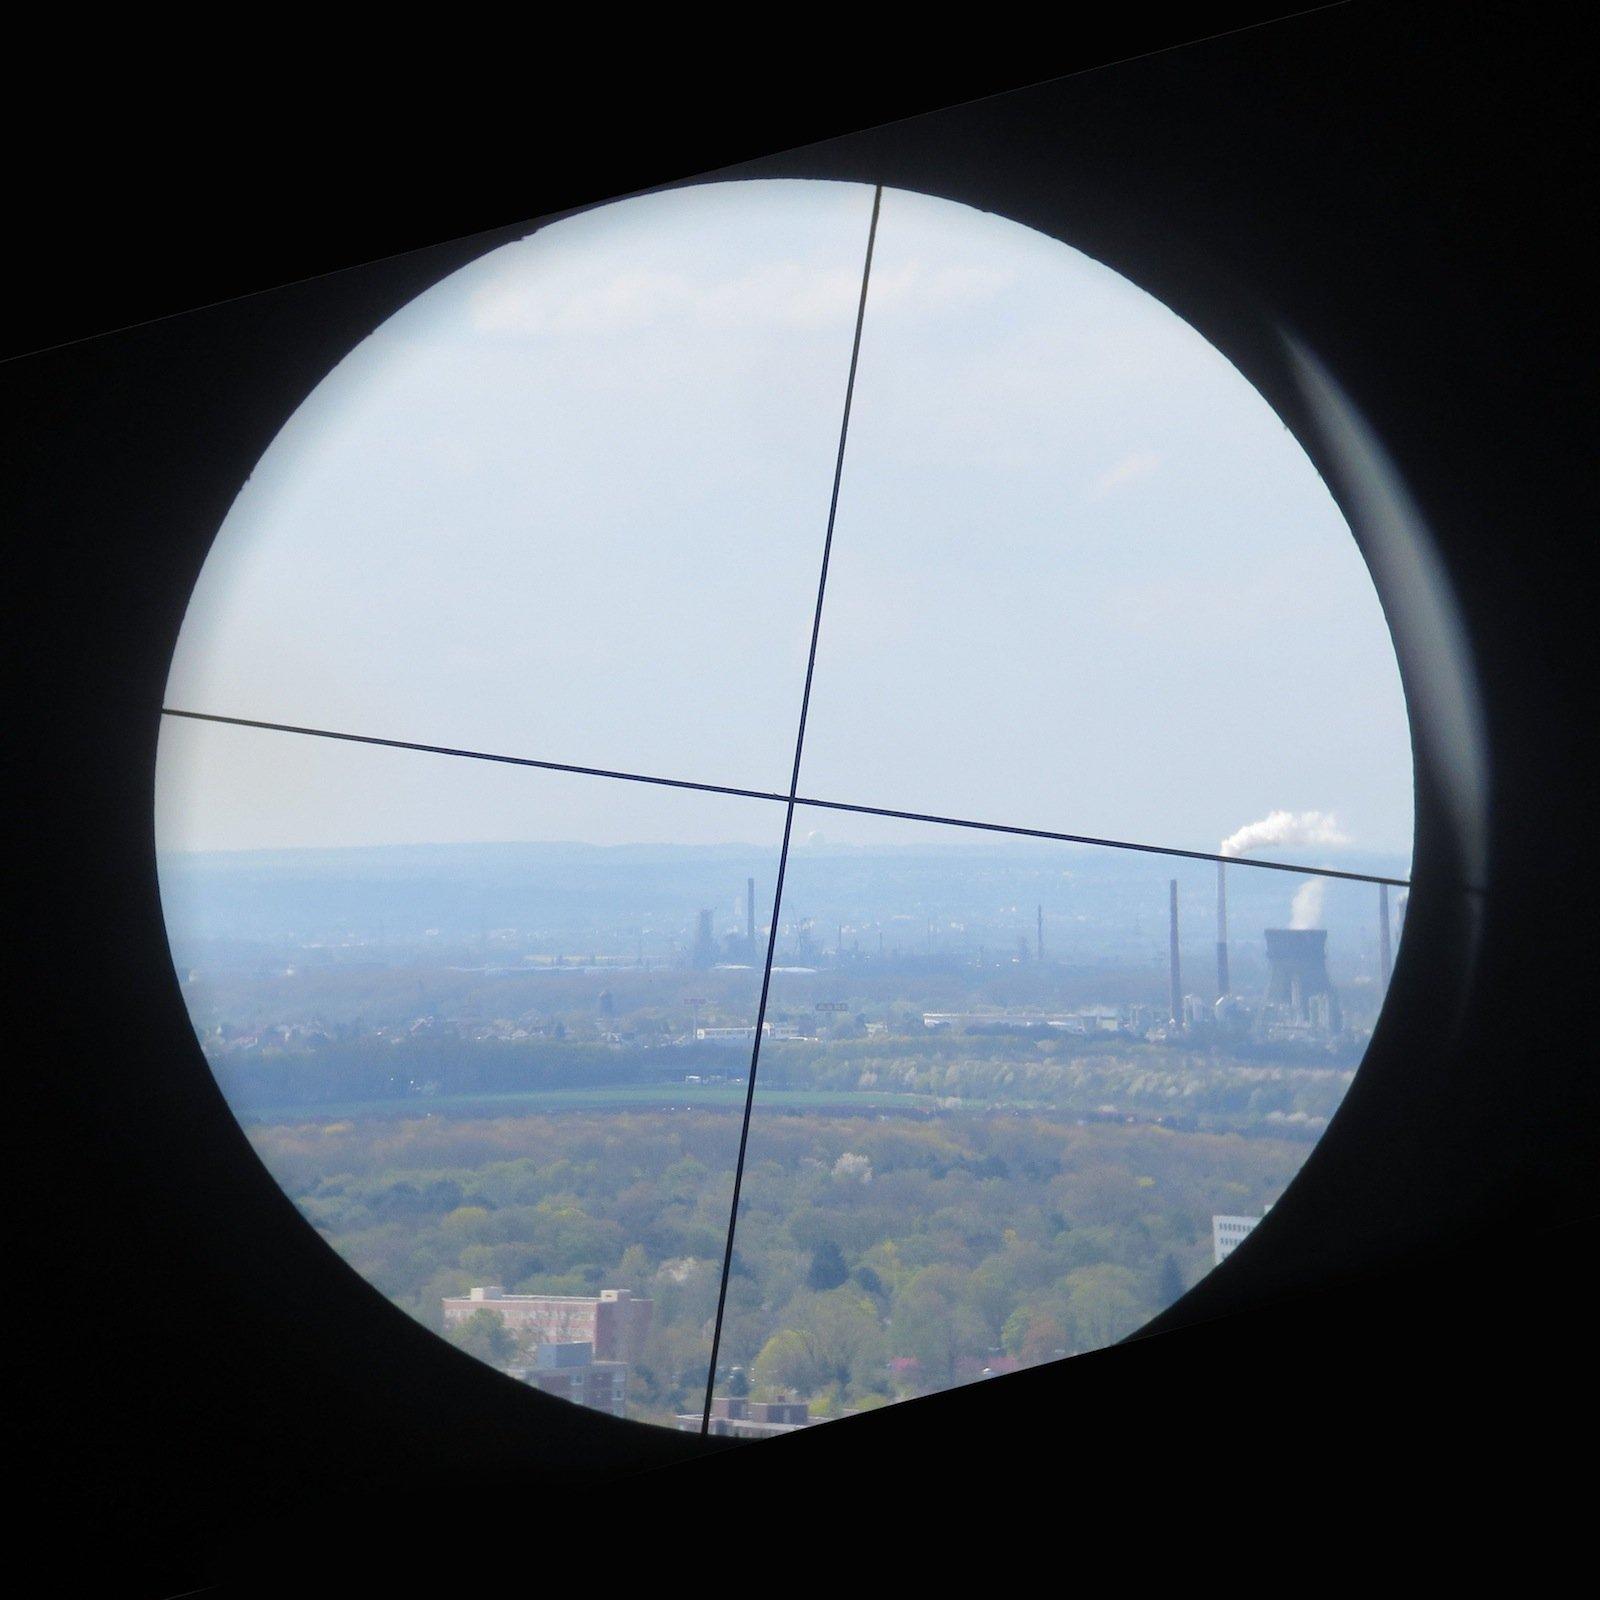 Sichtpeilung: Gesendet wurde vom Uni-Center Köln zum Radom des Fraunhofer FHR in Wachtberg – als Kuppel am Horizont rechts unter dem Kreuz erkennbar.